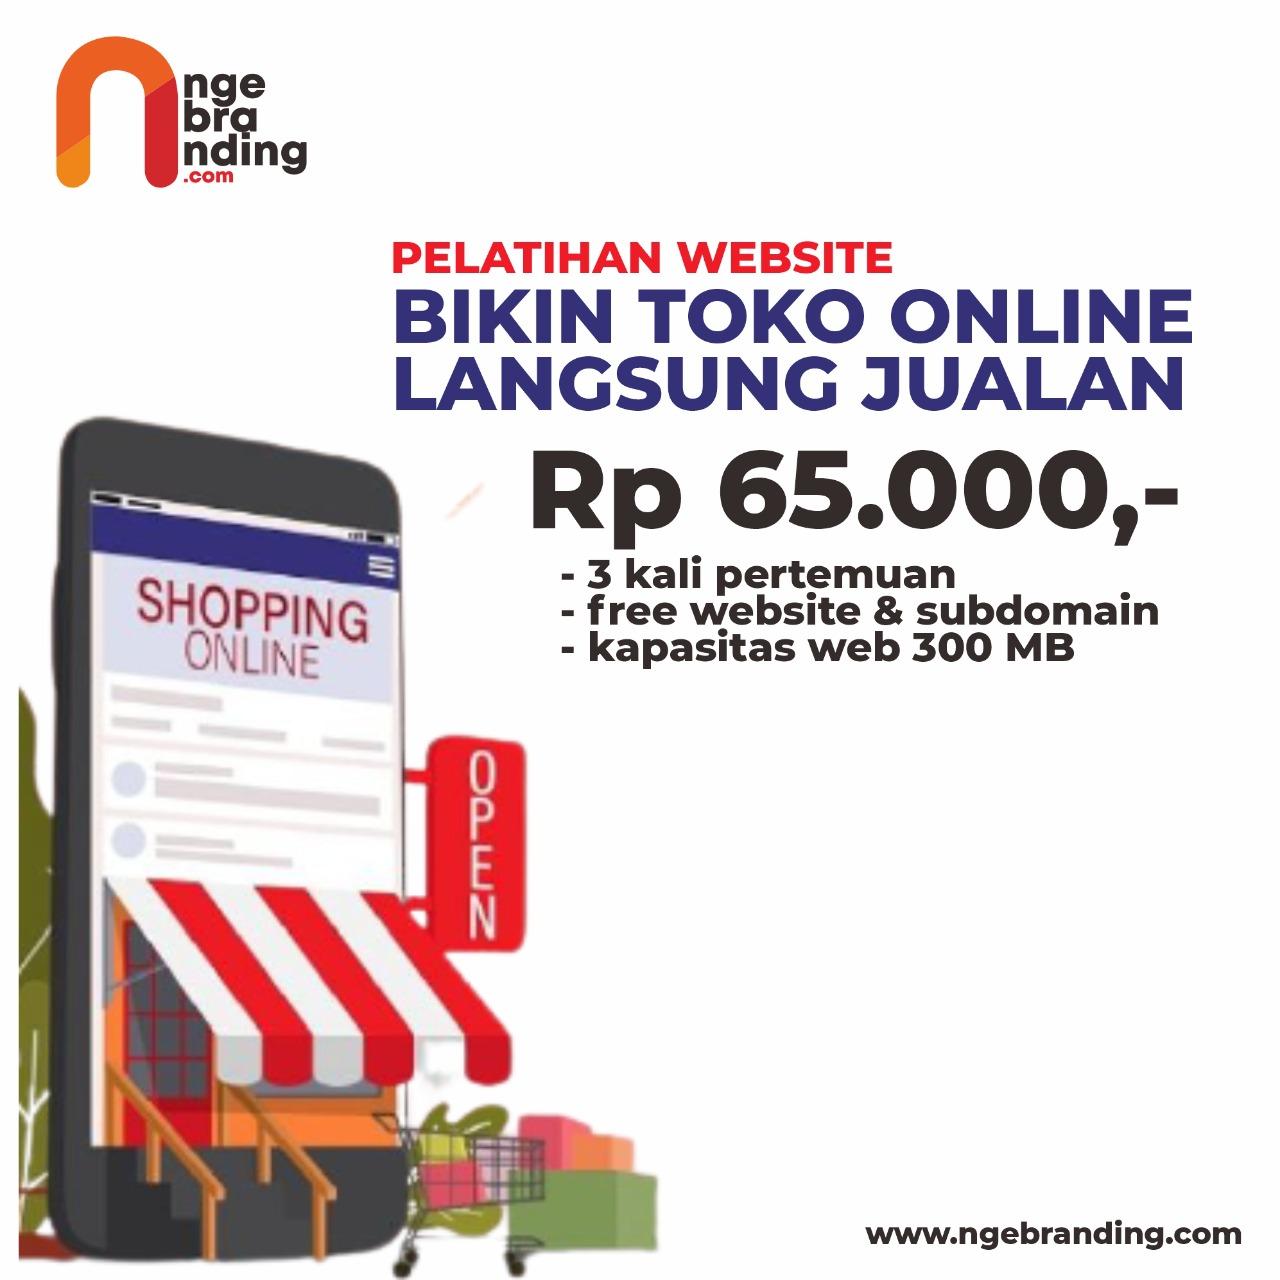 Bikin Toko Online Langsung Jualan